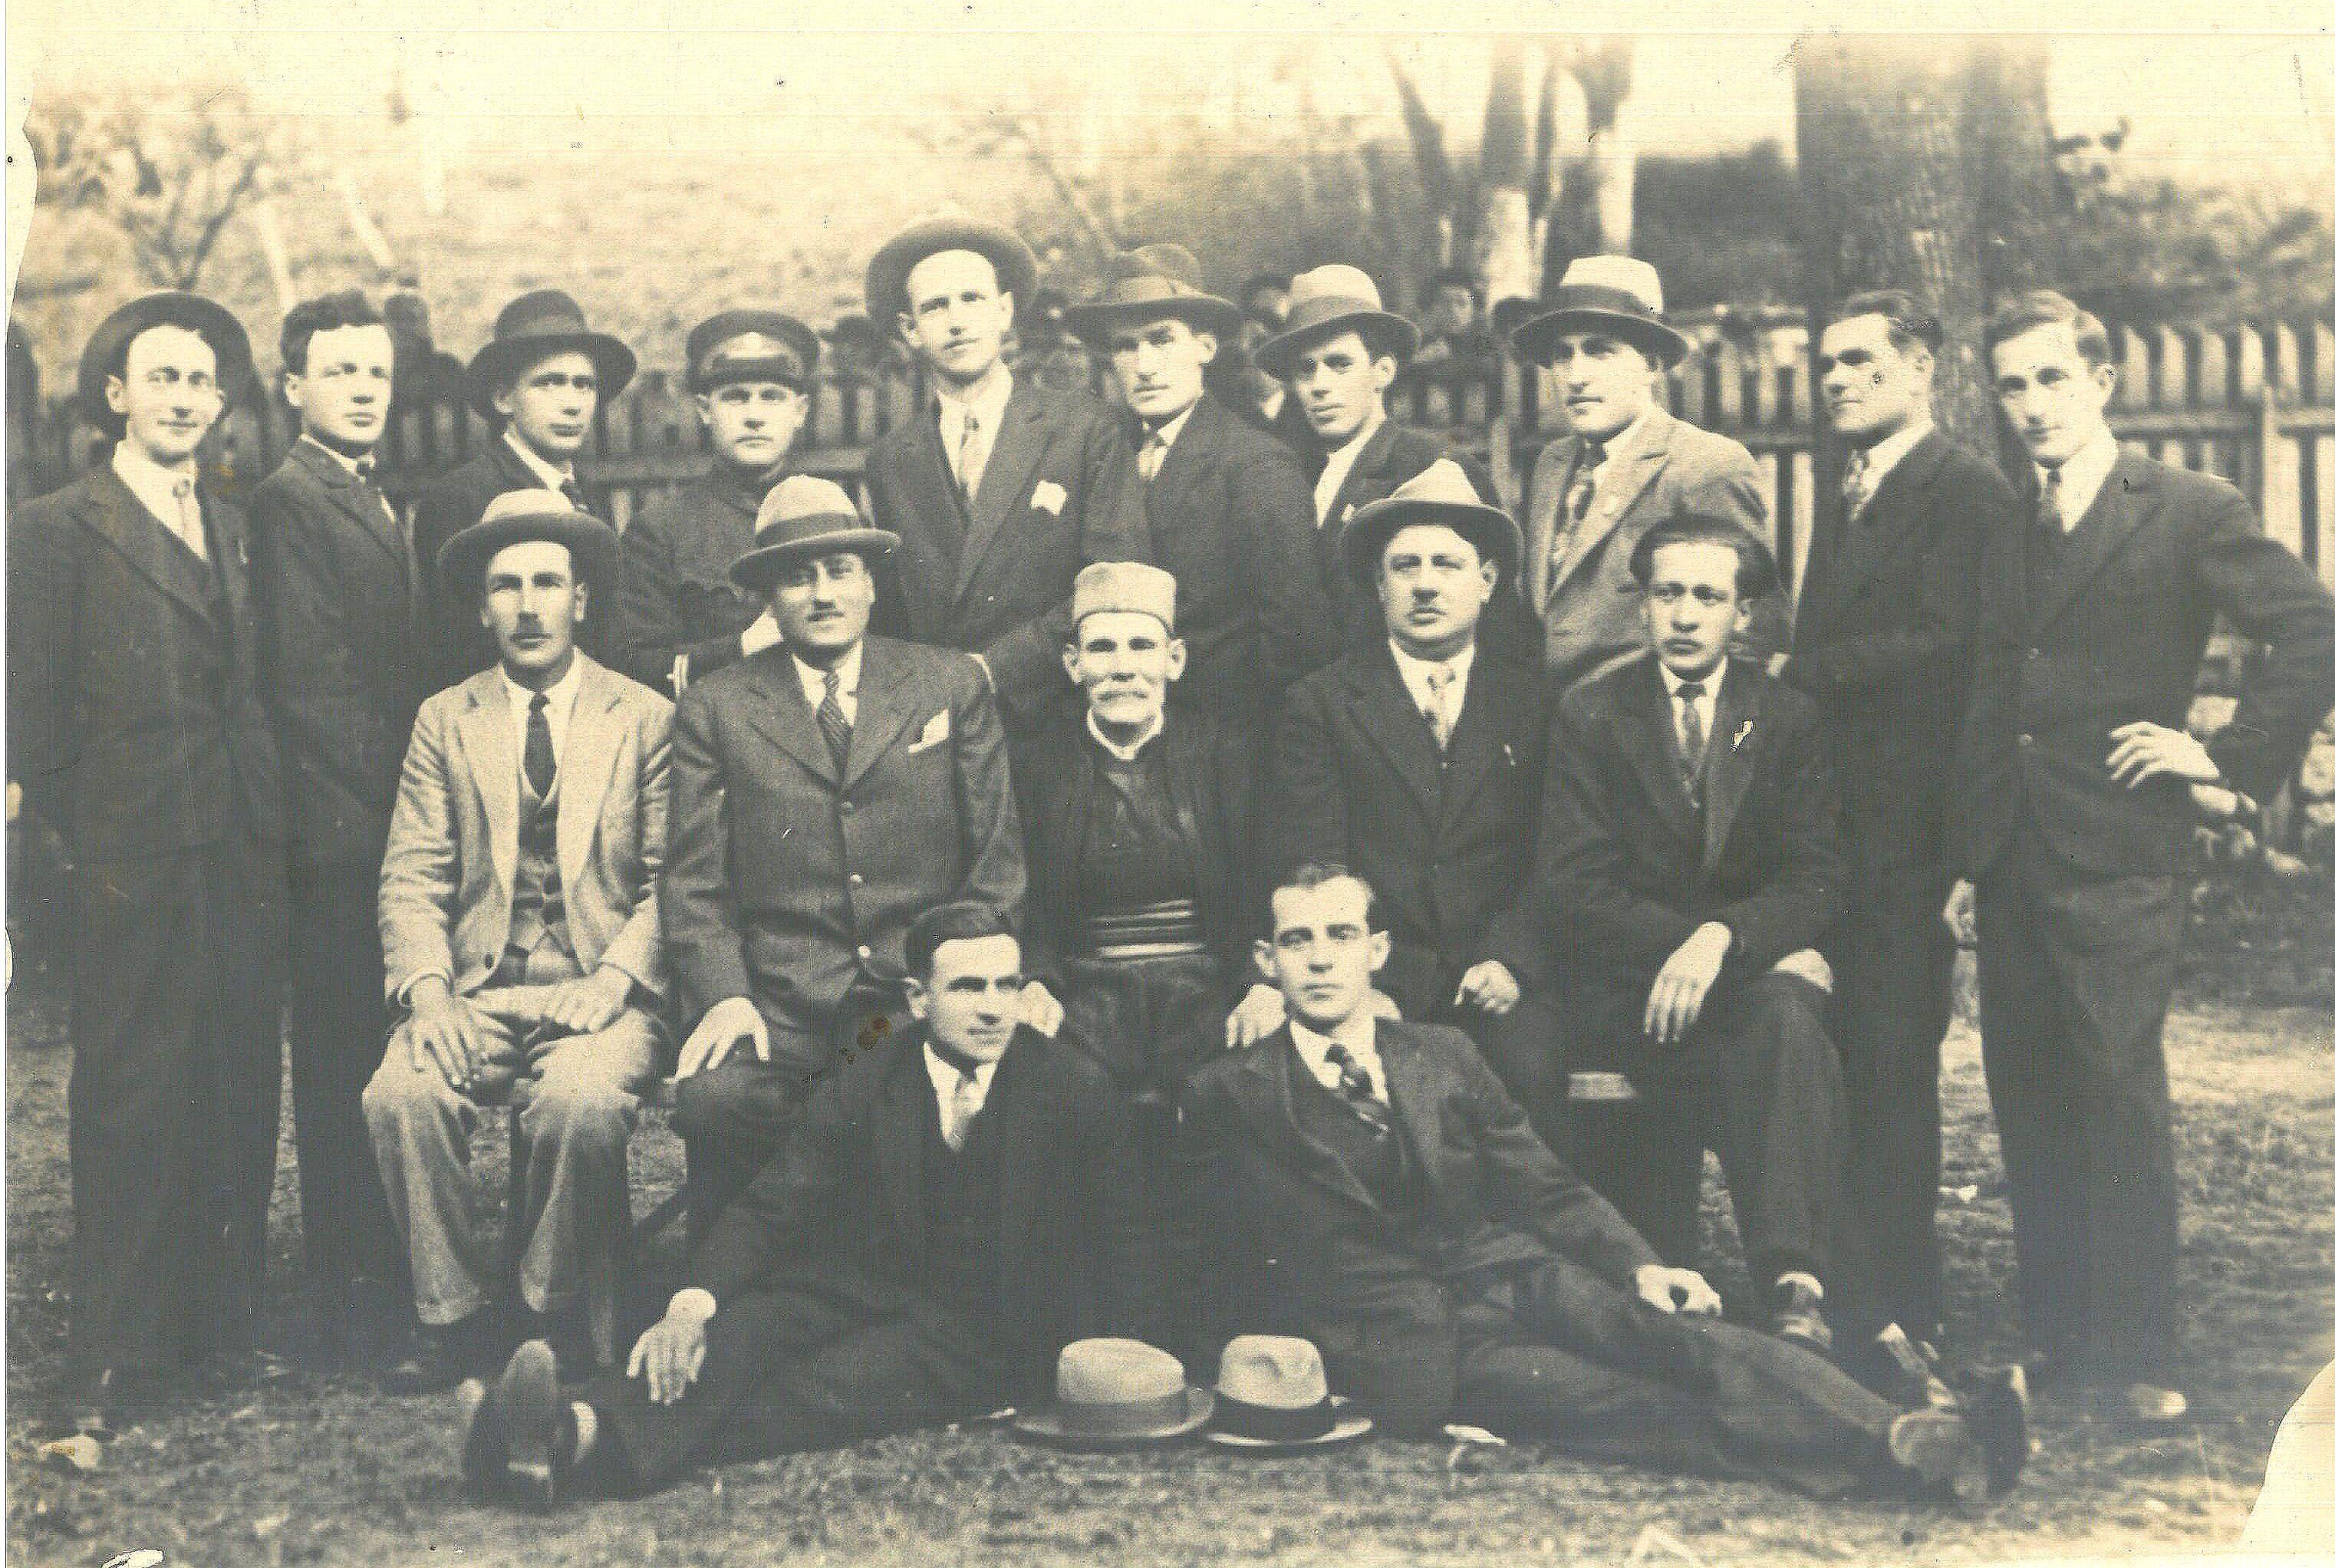 Варошки трговци, занатлије и преставници власти 1930. године